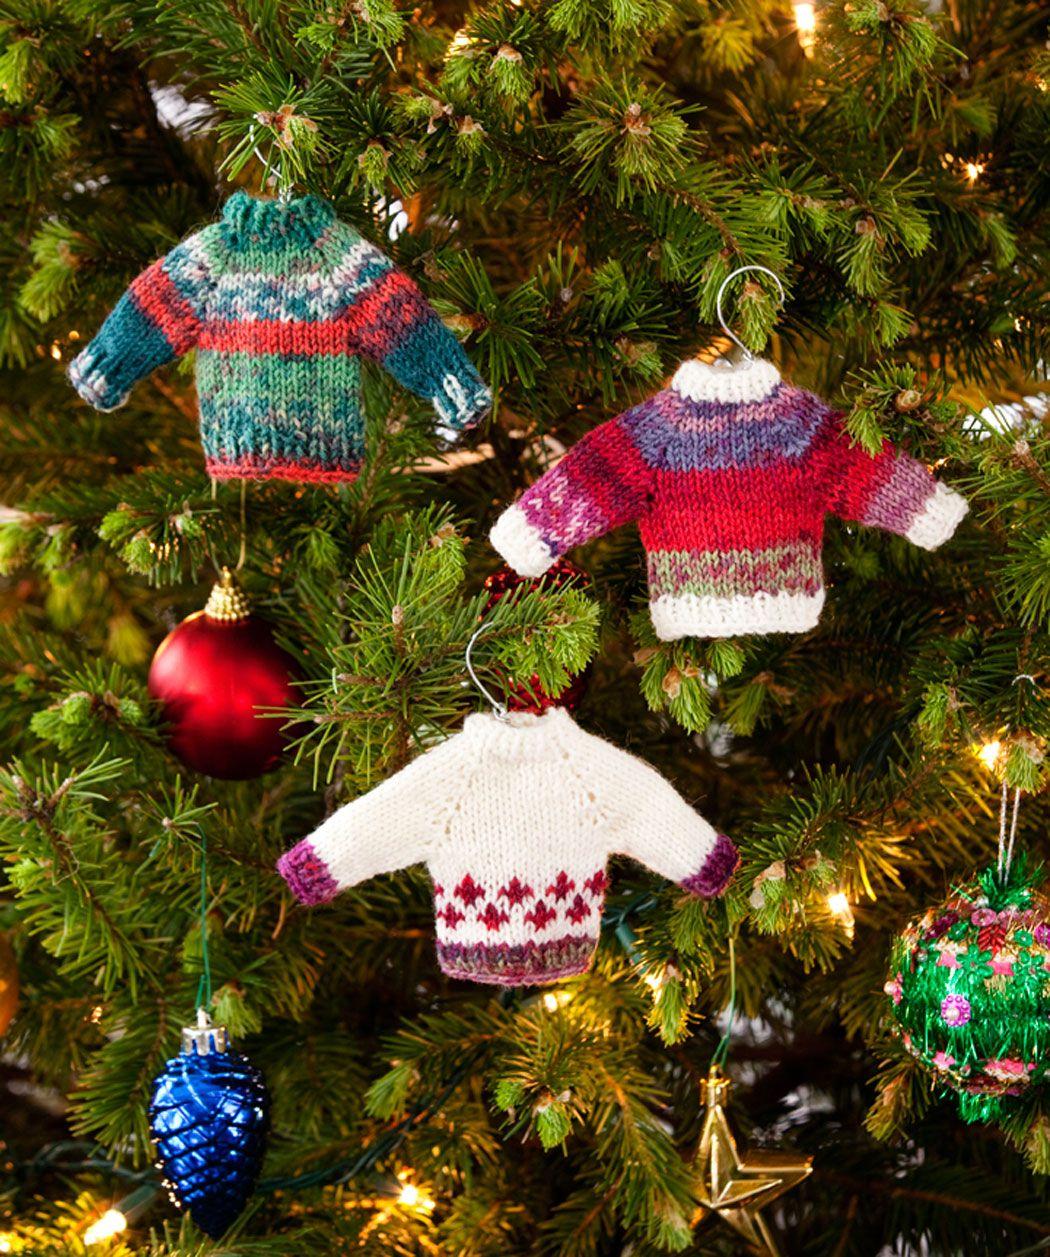 Noel Knit Sweater Ornaments FREE knitting pattern ||| Red heart Yarn ...